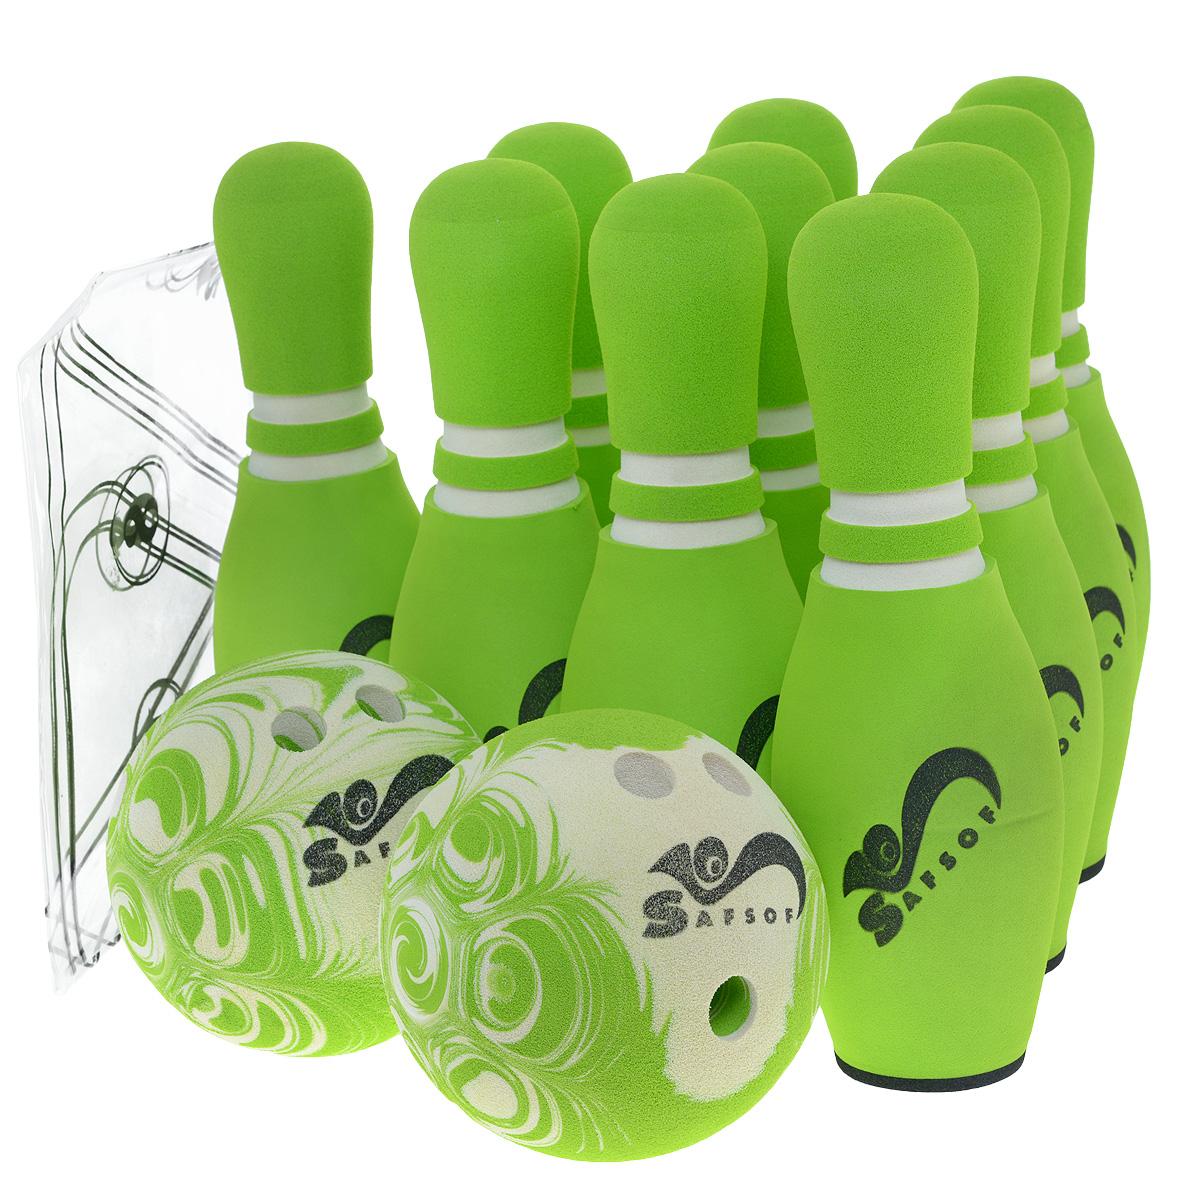 Игровой набор Safsof Боулинг, цвет: белый, зеленый, диаметр шара 14 смJBB-07-2(B)зеленыйИгровой набор Safsof Боулинг, изготовленный из вспененной резины, состоит из десяти кеглей и двух шаров. Он безопасен и мягок, это обеспечивает безопасность ребенку. Суть игры в боулинг - сбить шаром максимальное количество кеглей. Число игроков и количество туров - произвольное. Очки, набранные с каждым броском мяча, рассматриваются как количество сбитых кегель. Расстояние, с которого совершается бросок, определяется игроками. Каждый игрок имеет право на два броска в одной рамке (рамка - треугольник, на поле которого выстраиваются кегли перед каждым первым броском очередного игрока). Бросок, при котором все кегли сбиты, называется страйк и обозначается как Х. Если все кегли сбиты первым броском, второй бросок не требуется: рамка считается закрытой. Призовые очки за страйк - это сумма кеглей, сбитых игроком следующими двумя бросками. Выигрывает тот игрок, который в сумме набирает больше очков. Диаметр шаров: 14 см. Высота кегель: 30 см.